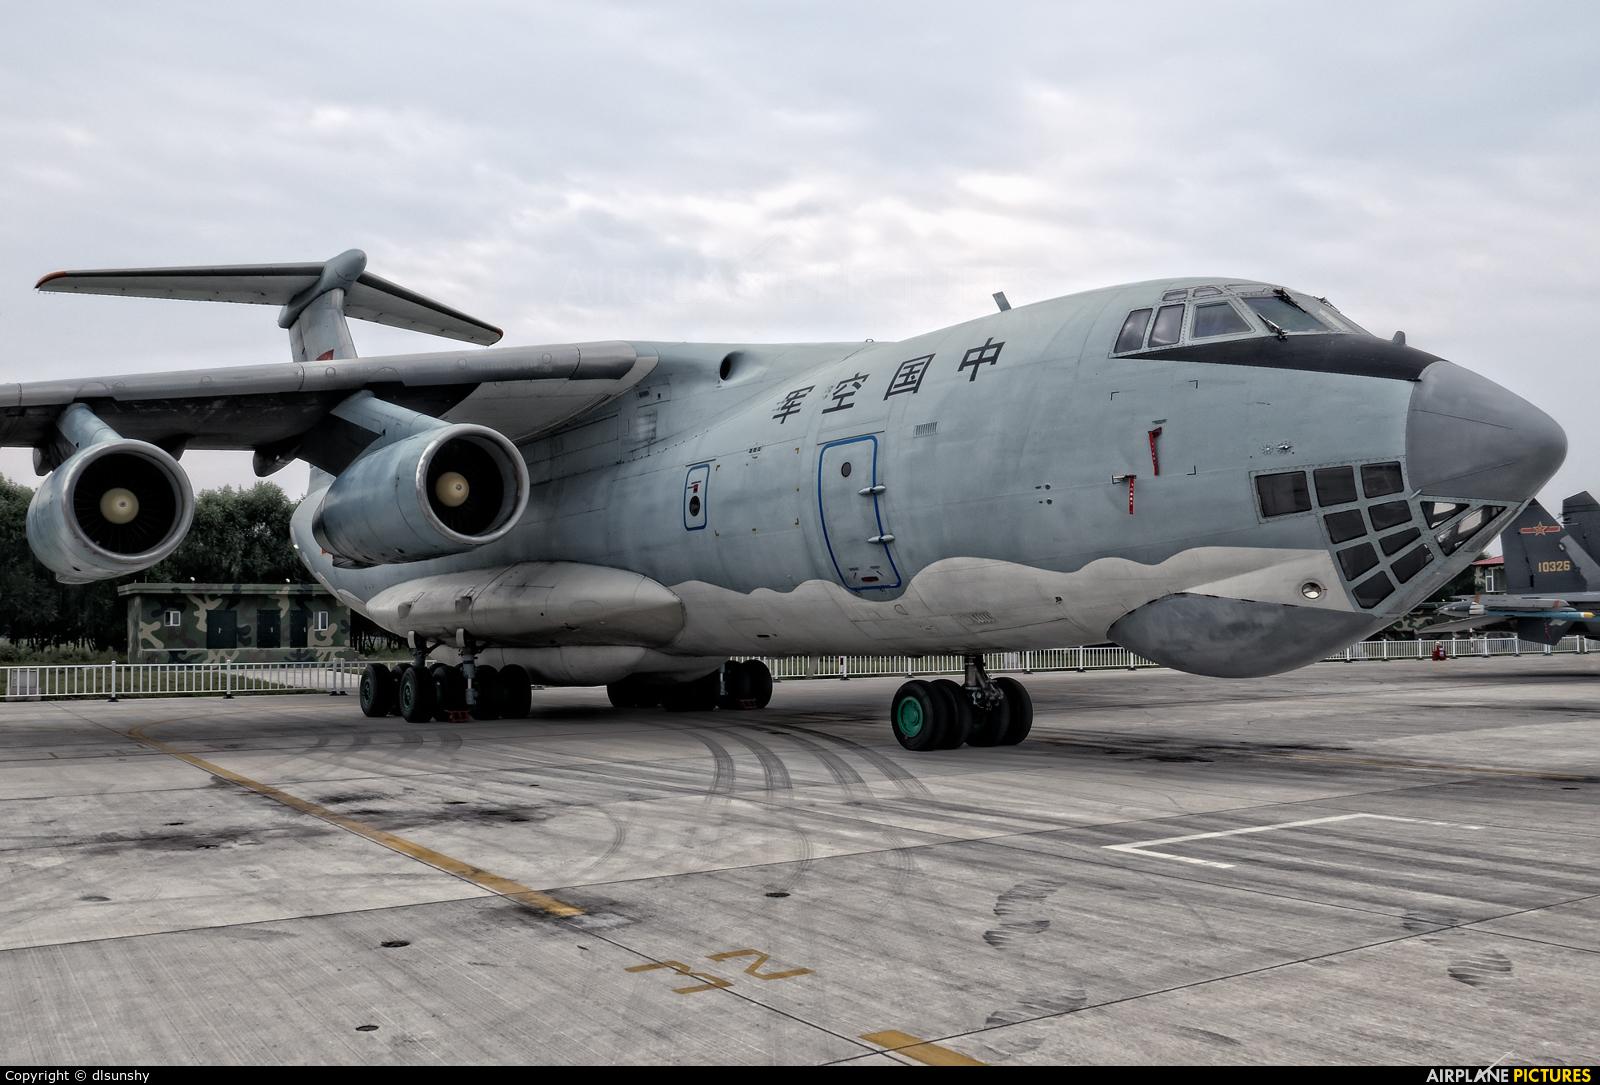 China - Air Force 20541 aircraft at Changchun Dafangshen